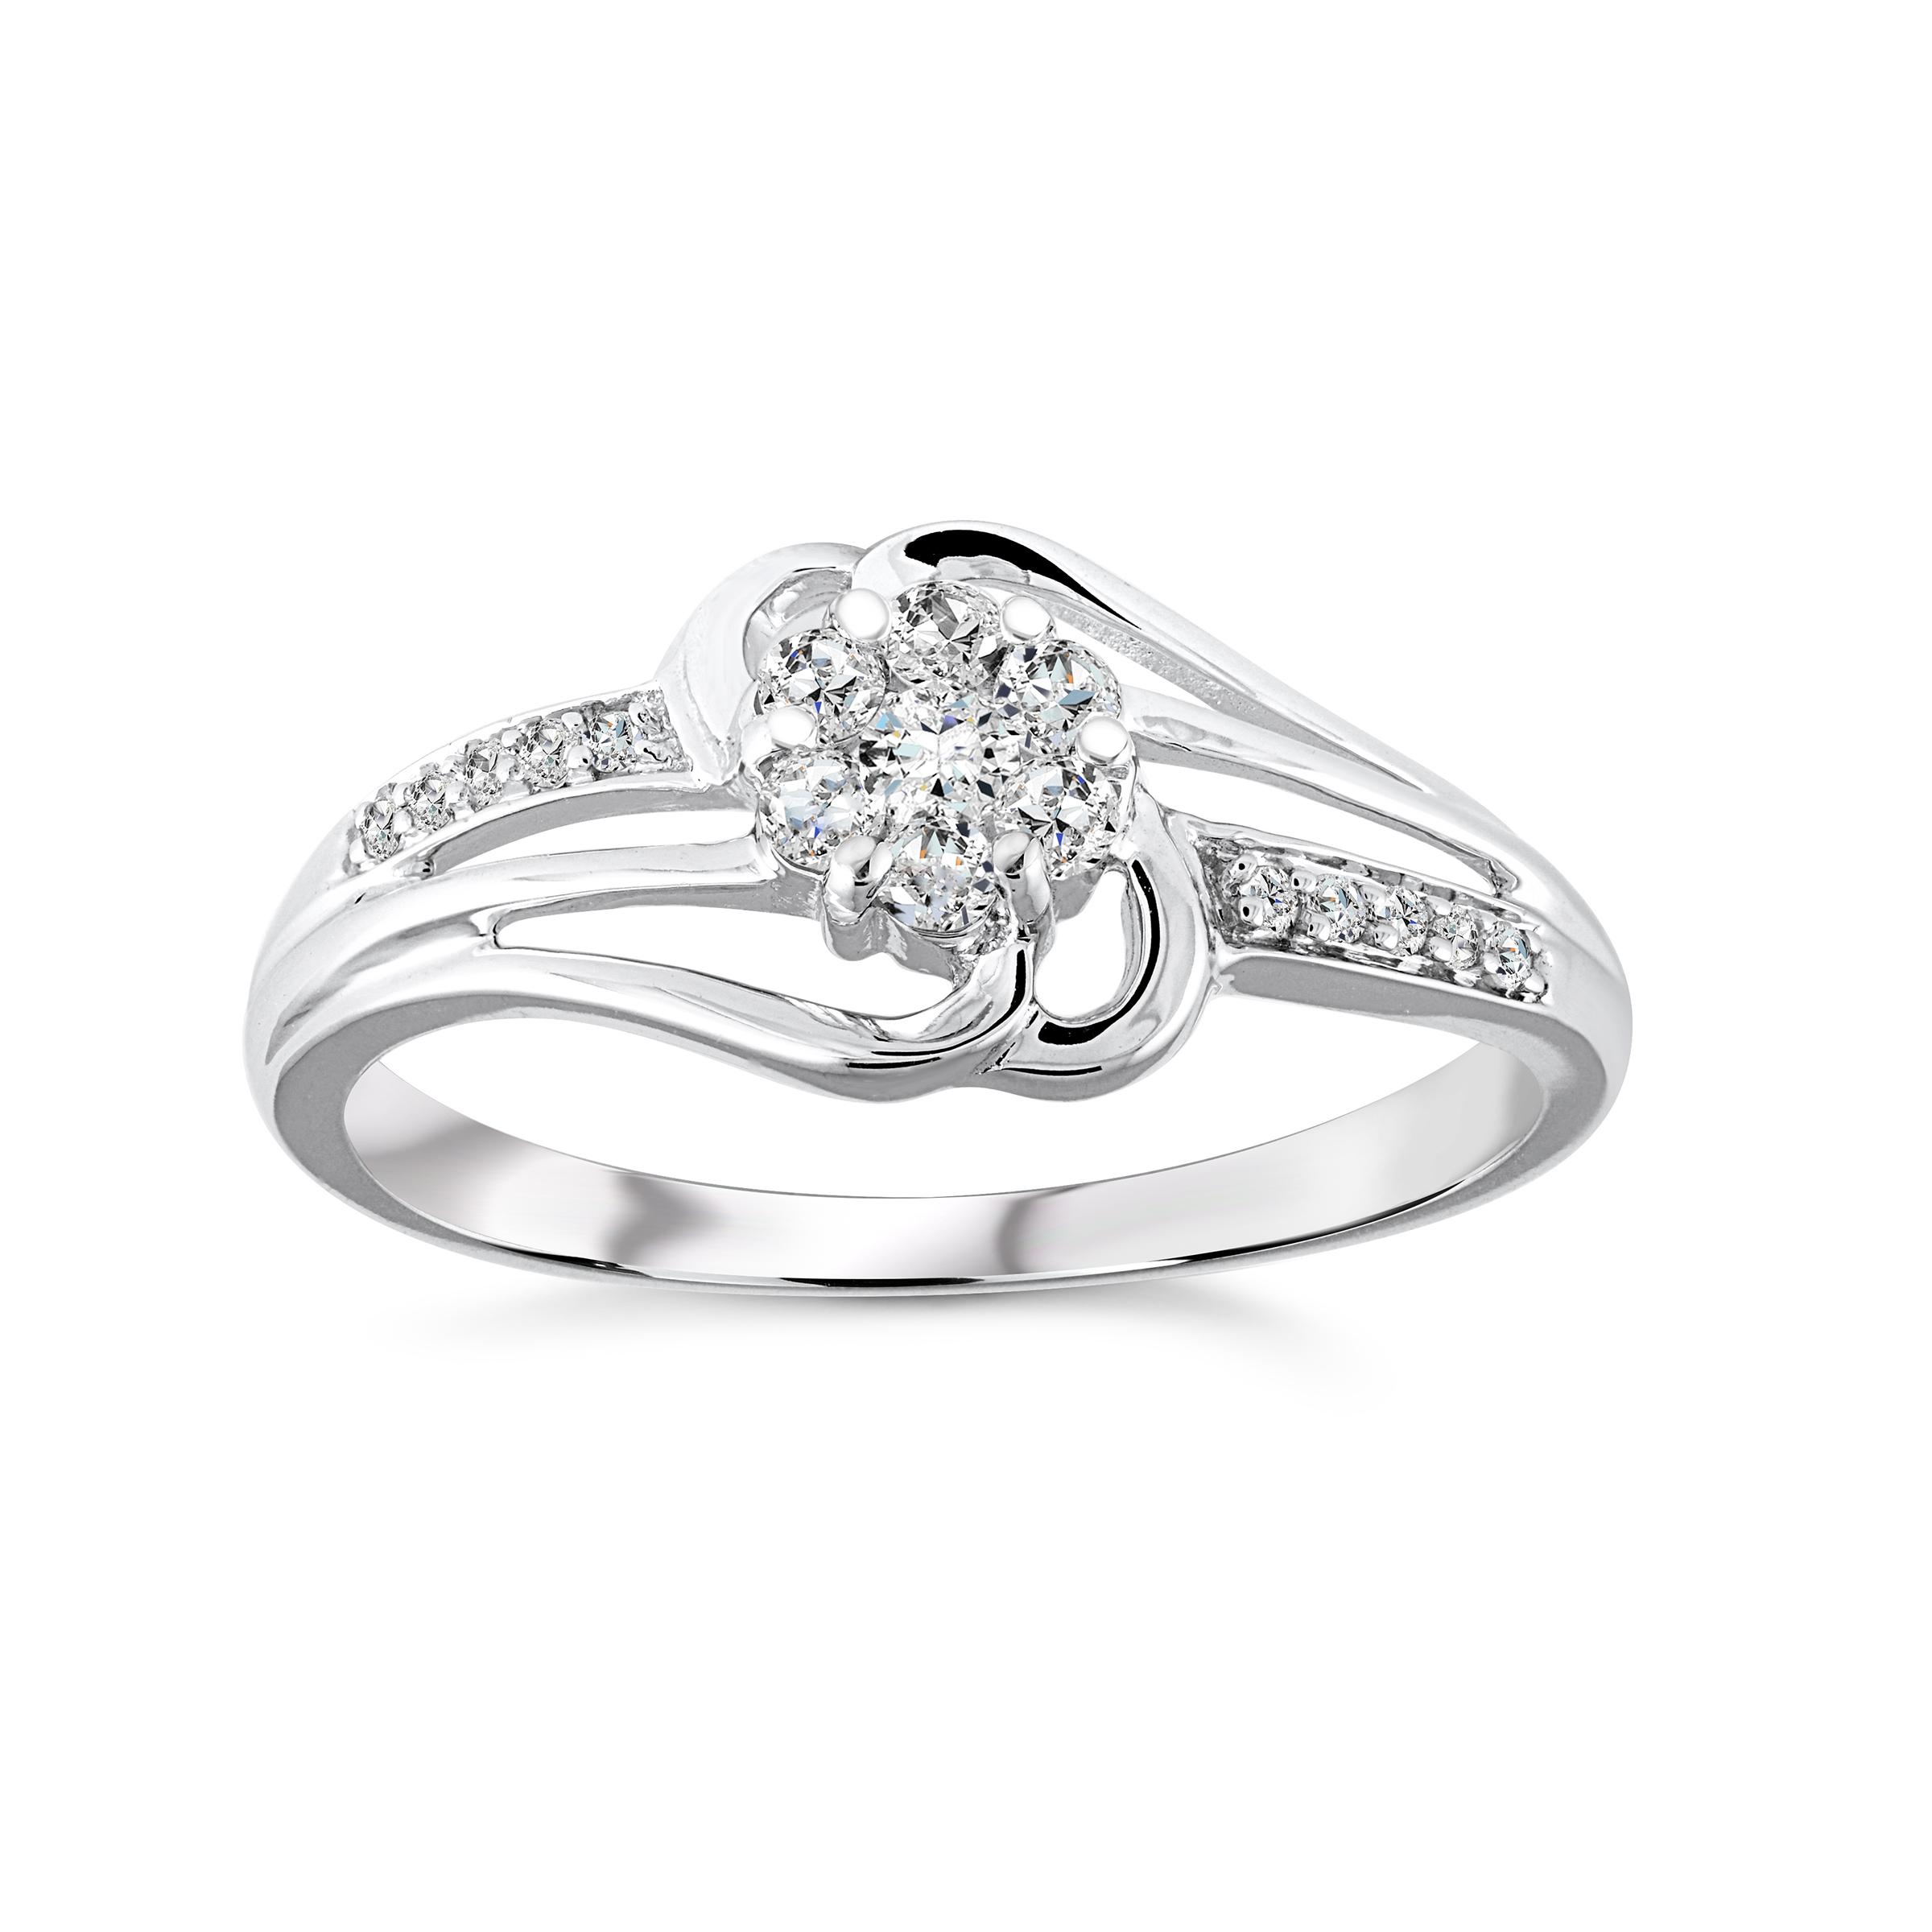 Flower Ring for women - White Gold 10K & Diamonds T.W. 19 pts